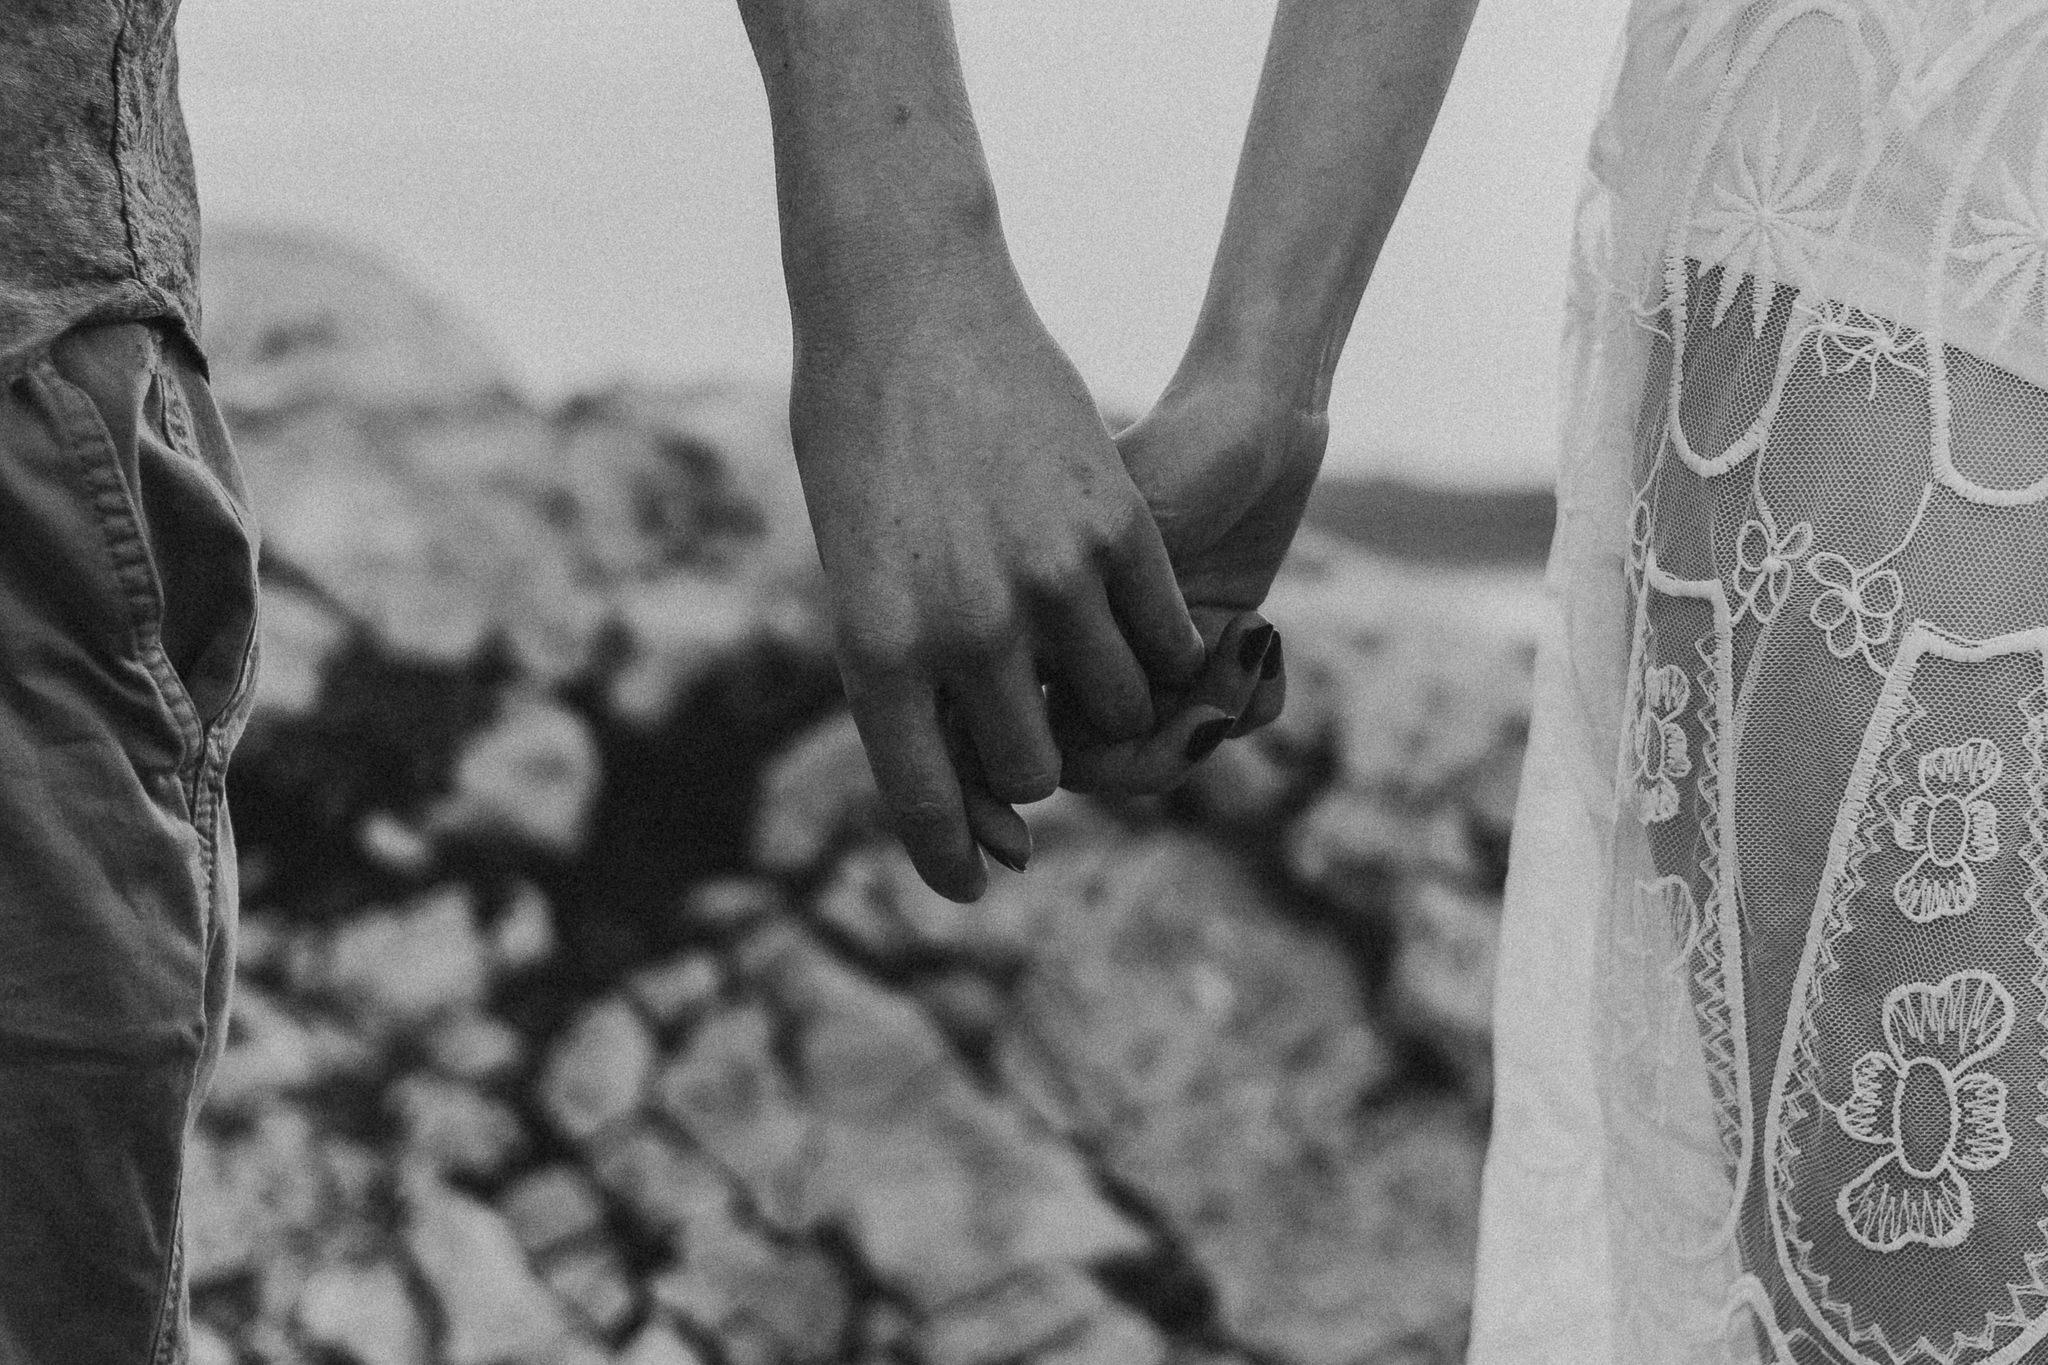 abhansen-photography-bri-cade-18